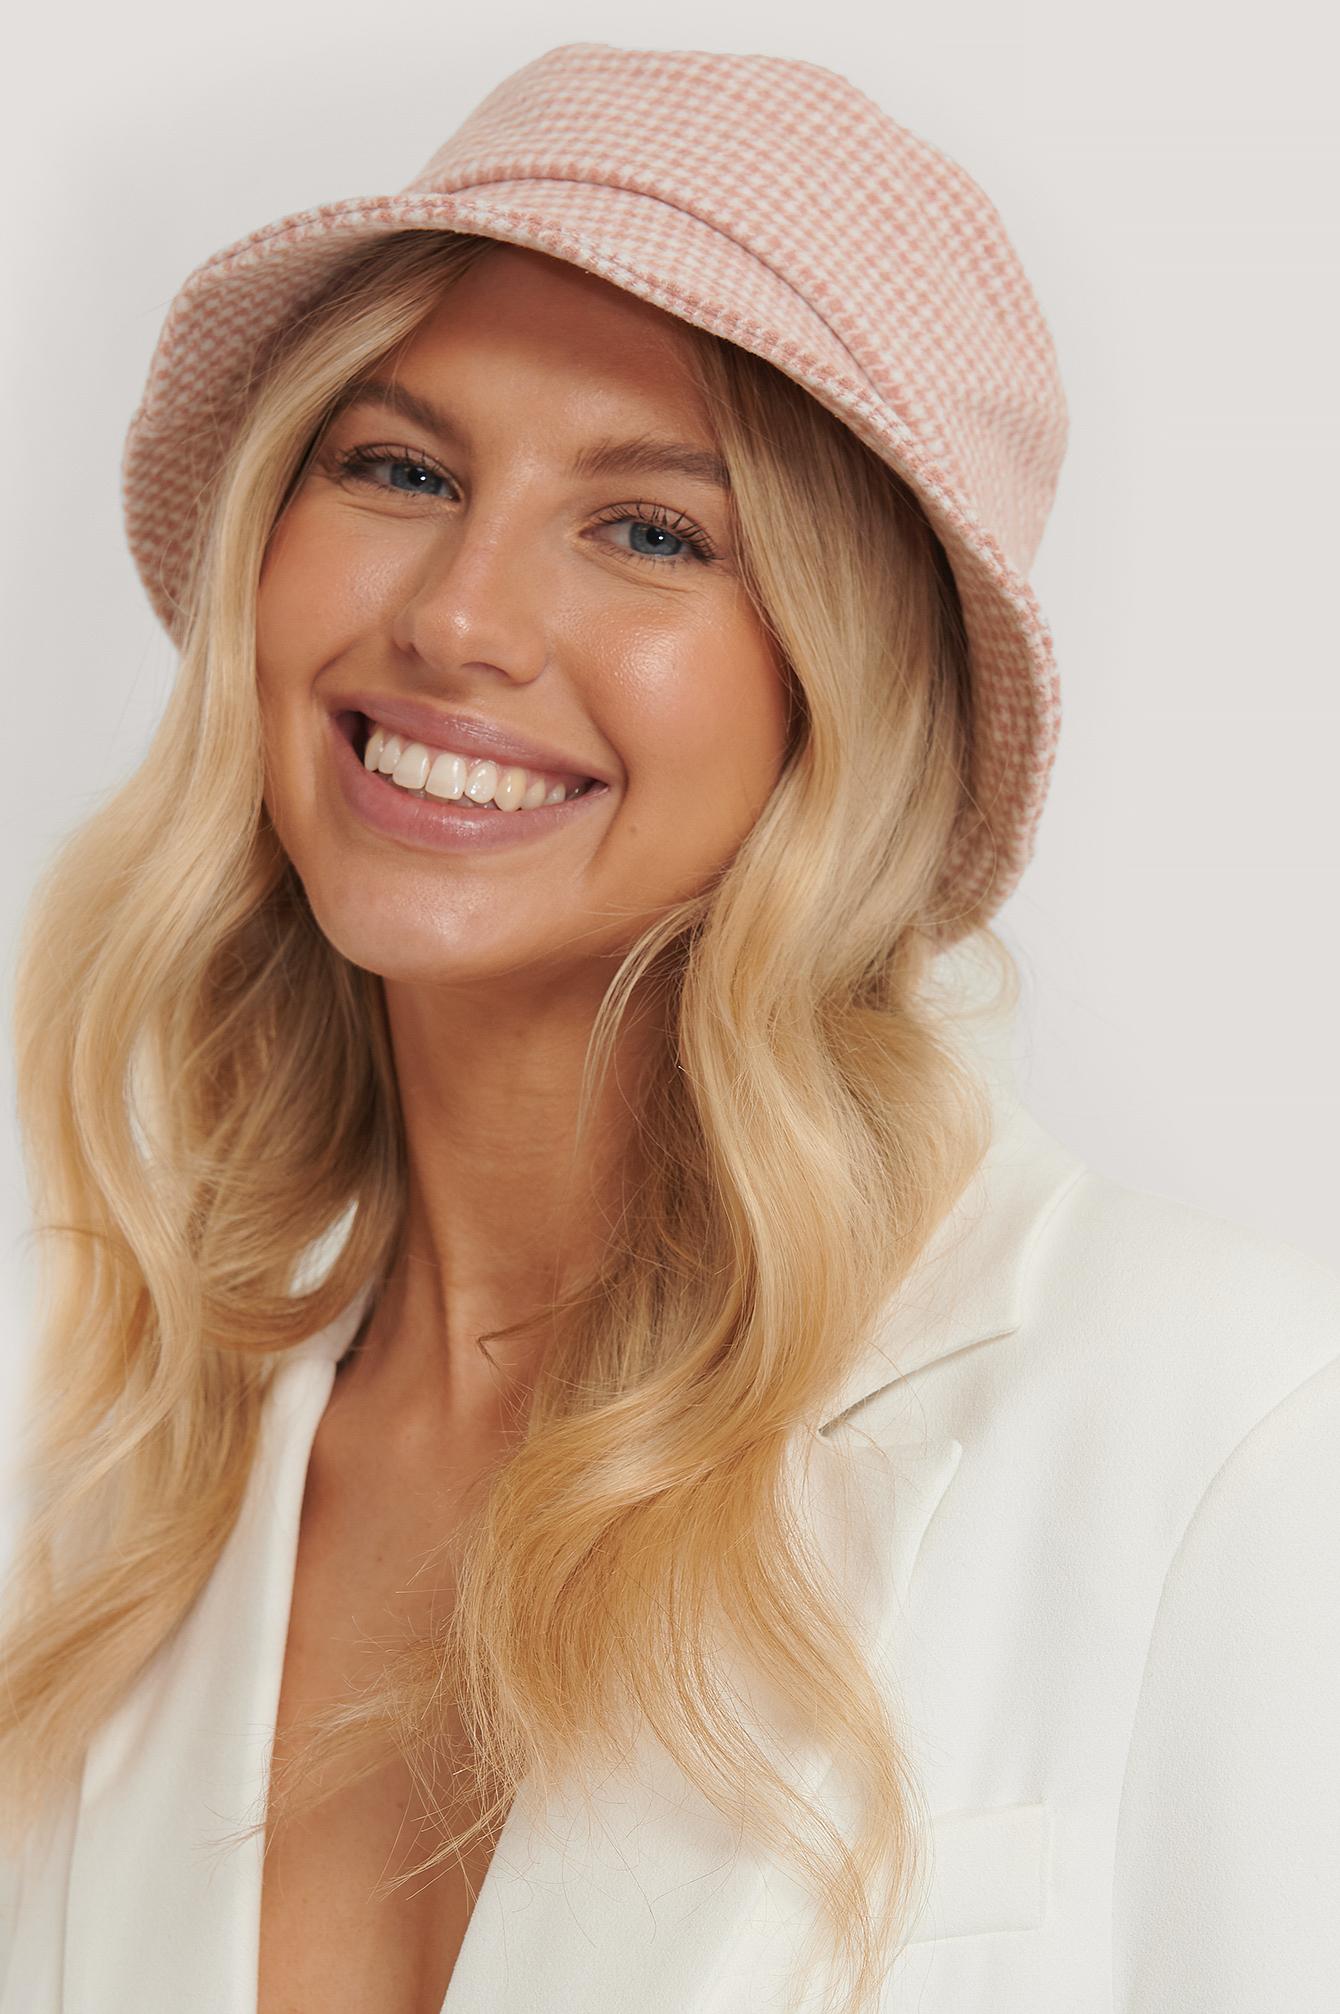 na-kd accessories -  Fischerhut Mit Strukturiertem Muster - Pink